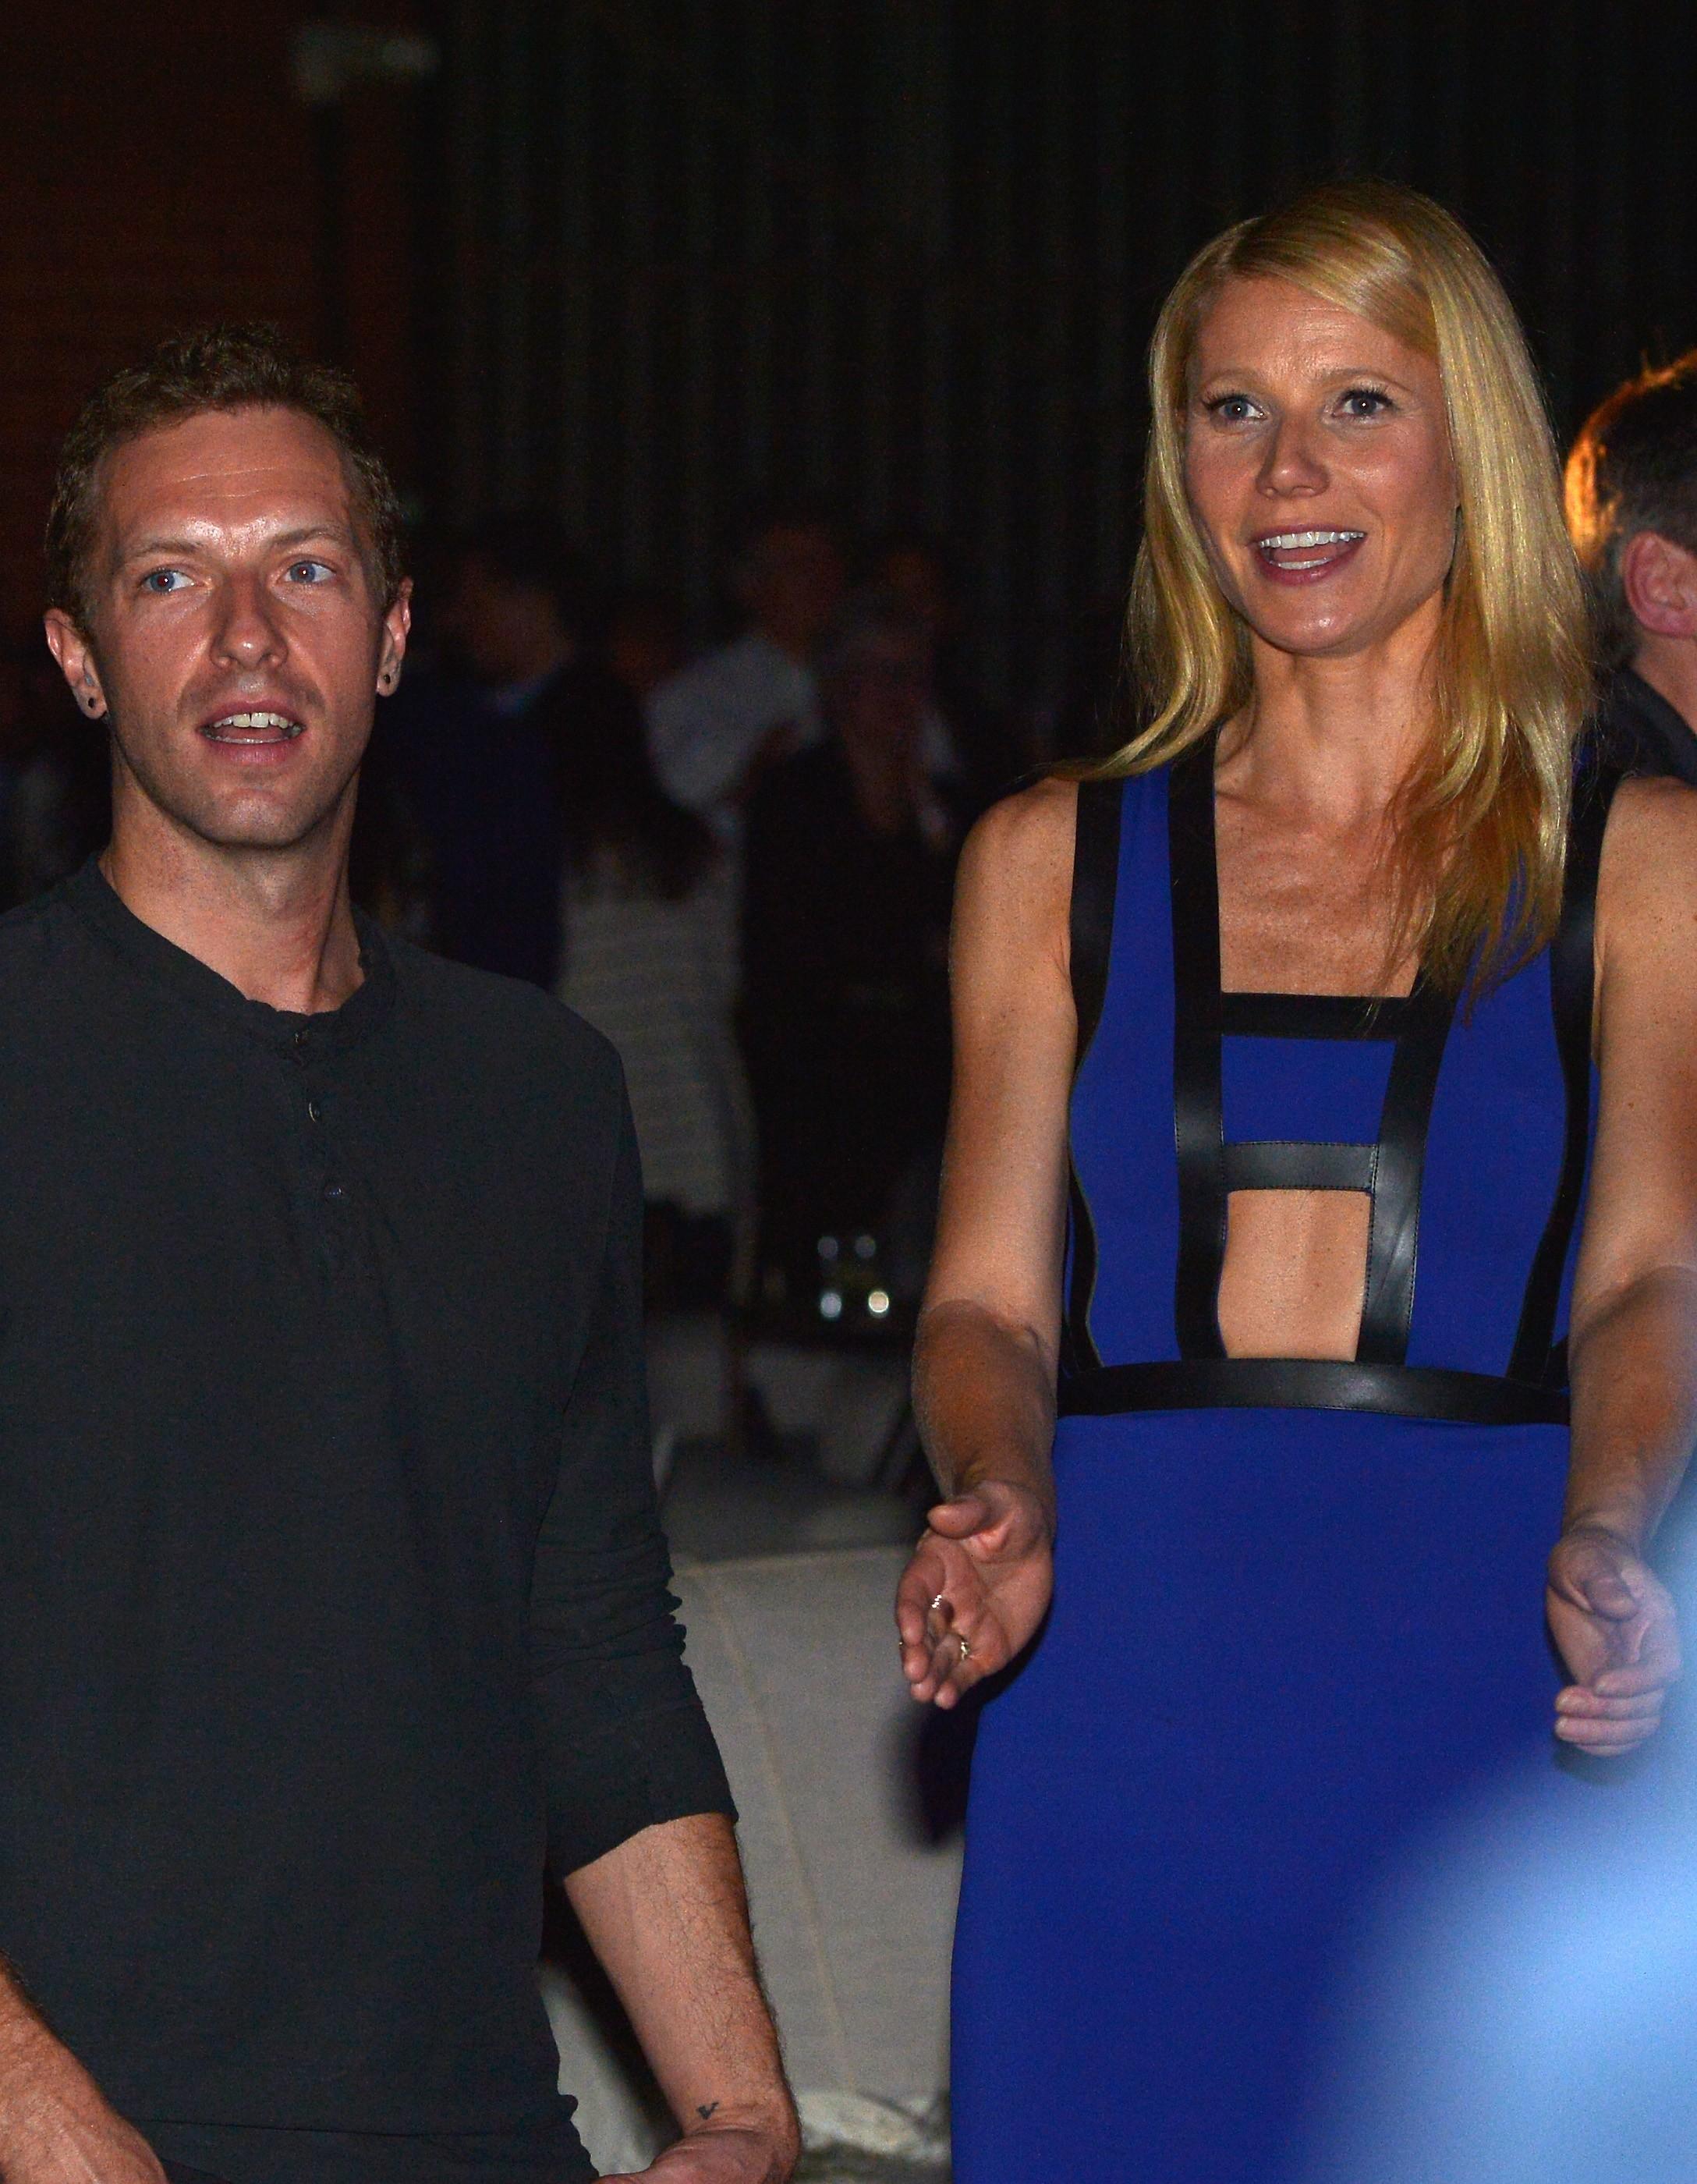 Com rumores surgindo num crescendo, não foi tão chocante quando Gwyneth e Chris anunciaram a separação. Depois de 11 anos de casamento e dois filhos, os dois descreveram o término como amigável e consciente. (Foto: Getty Images)